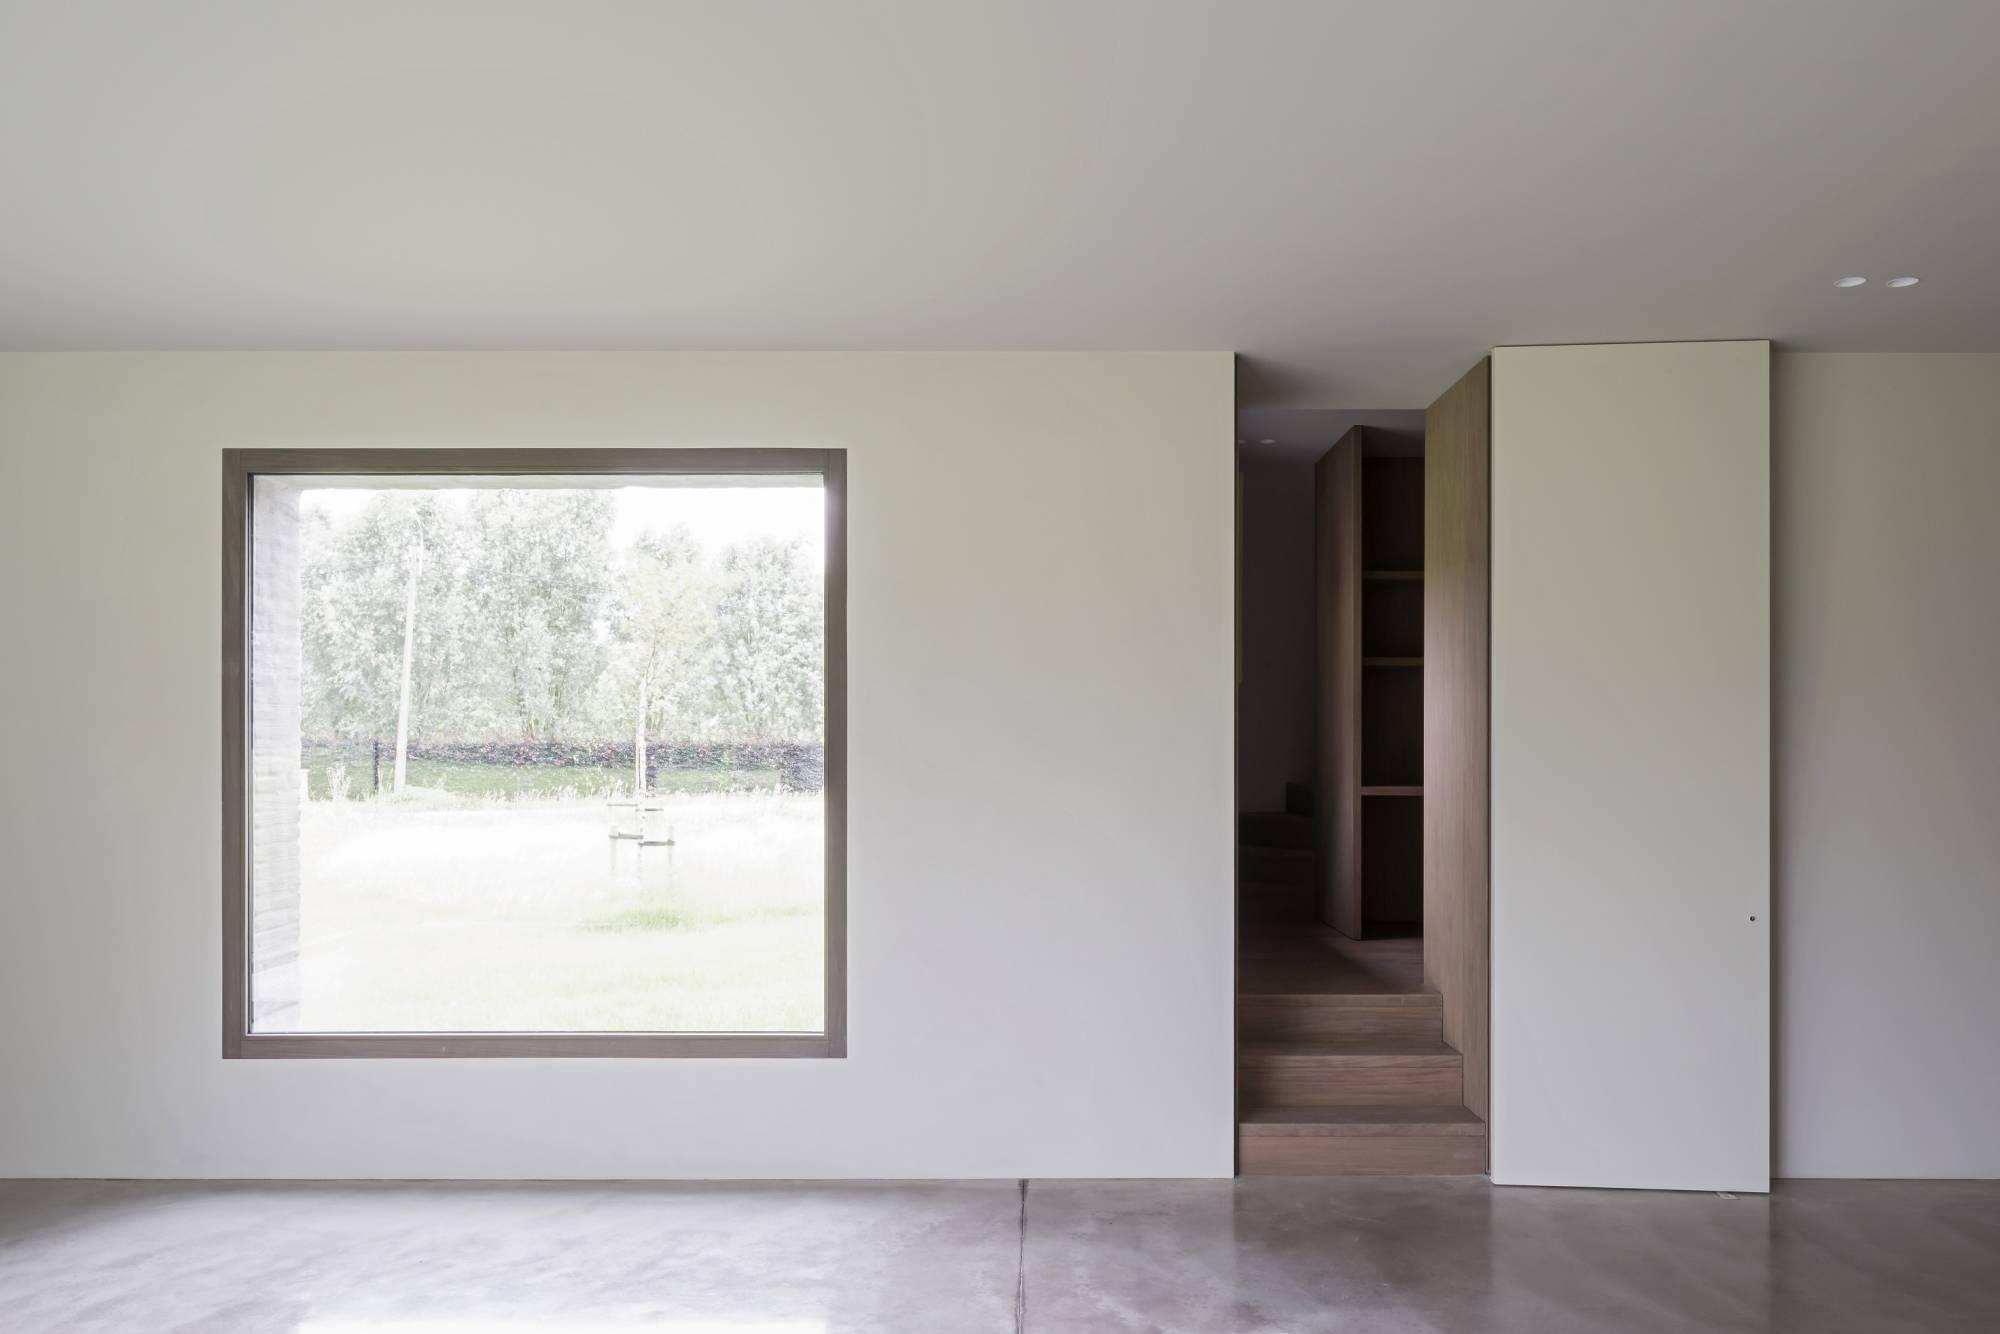 VVDA_2015_DB Residence_Koen Van Damme_7